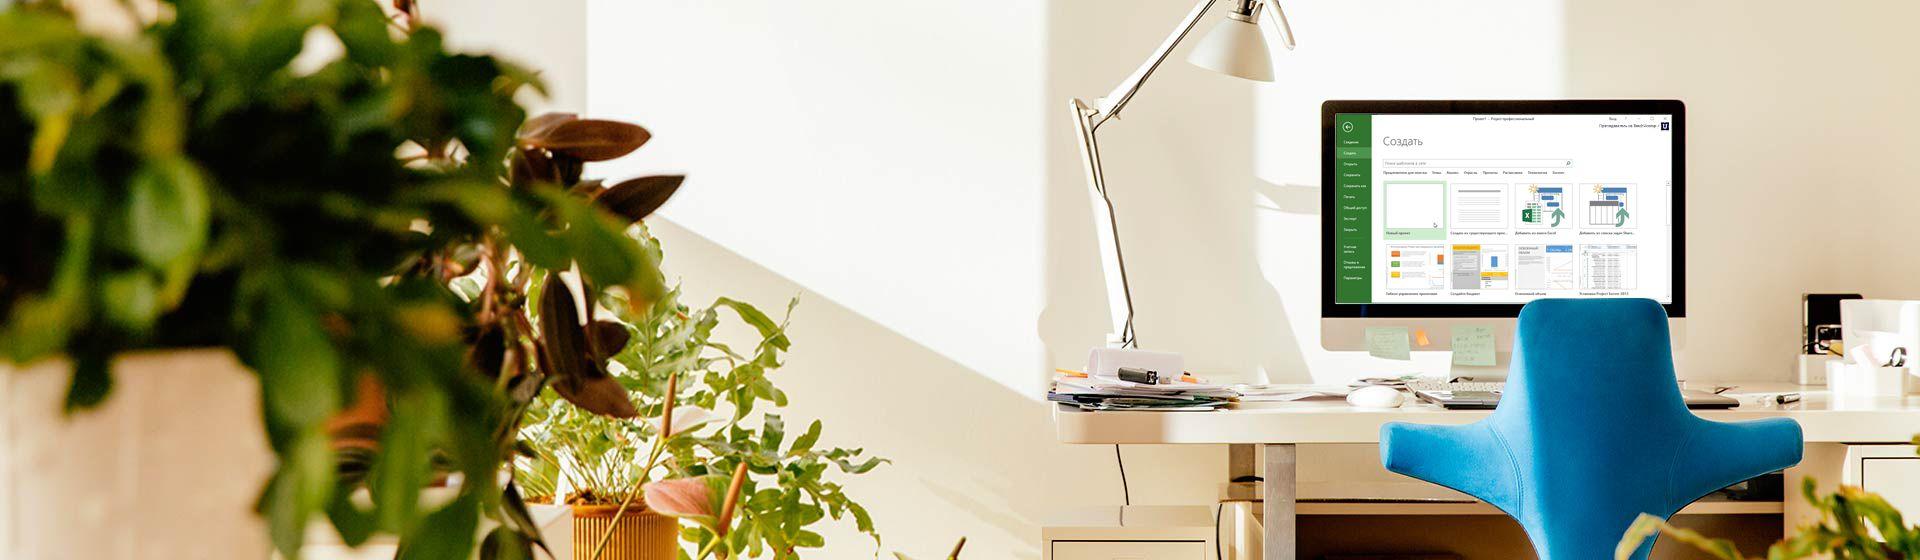 Стол с компьютерным монитором, на экране которого— окно нового проекта в Microsoft Project.